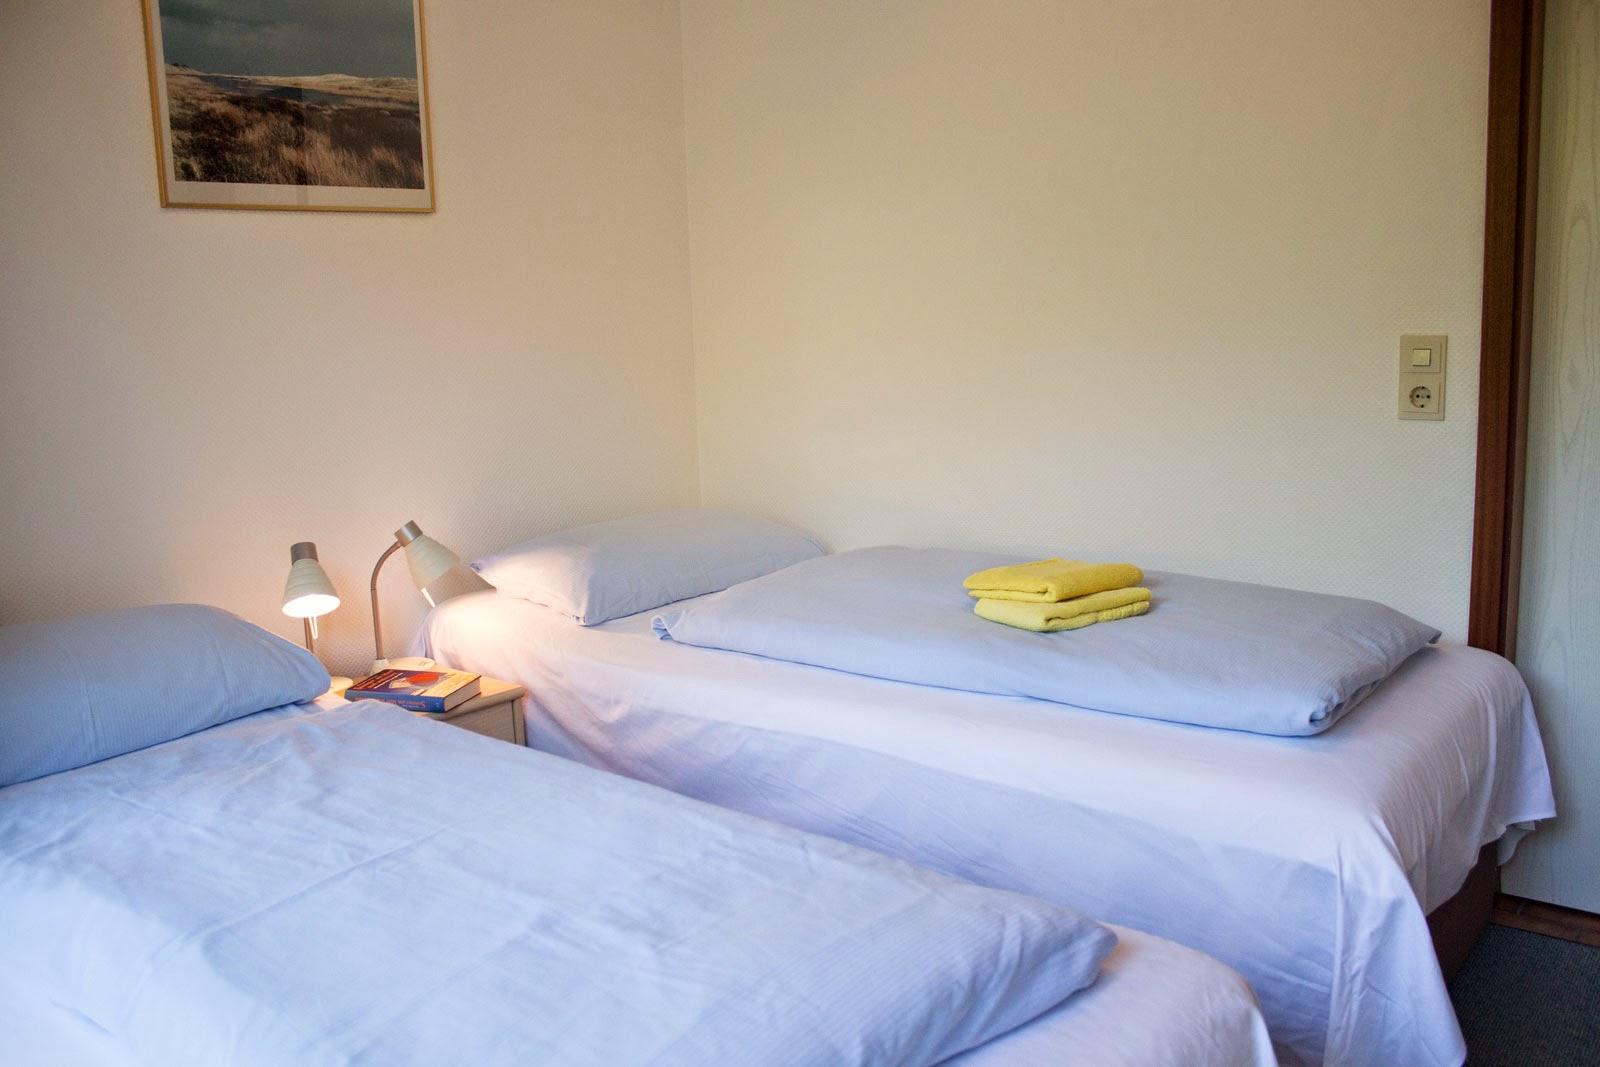 Ferienwohnung Beate St. Peter-Ording Bad, Schlafzimmer